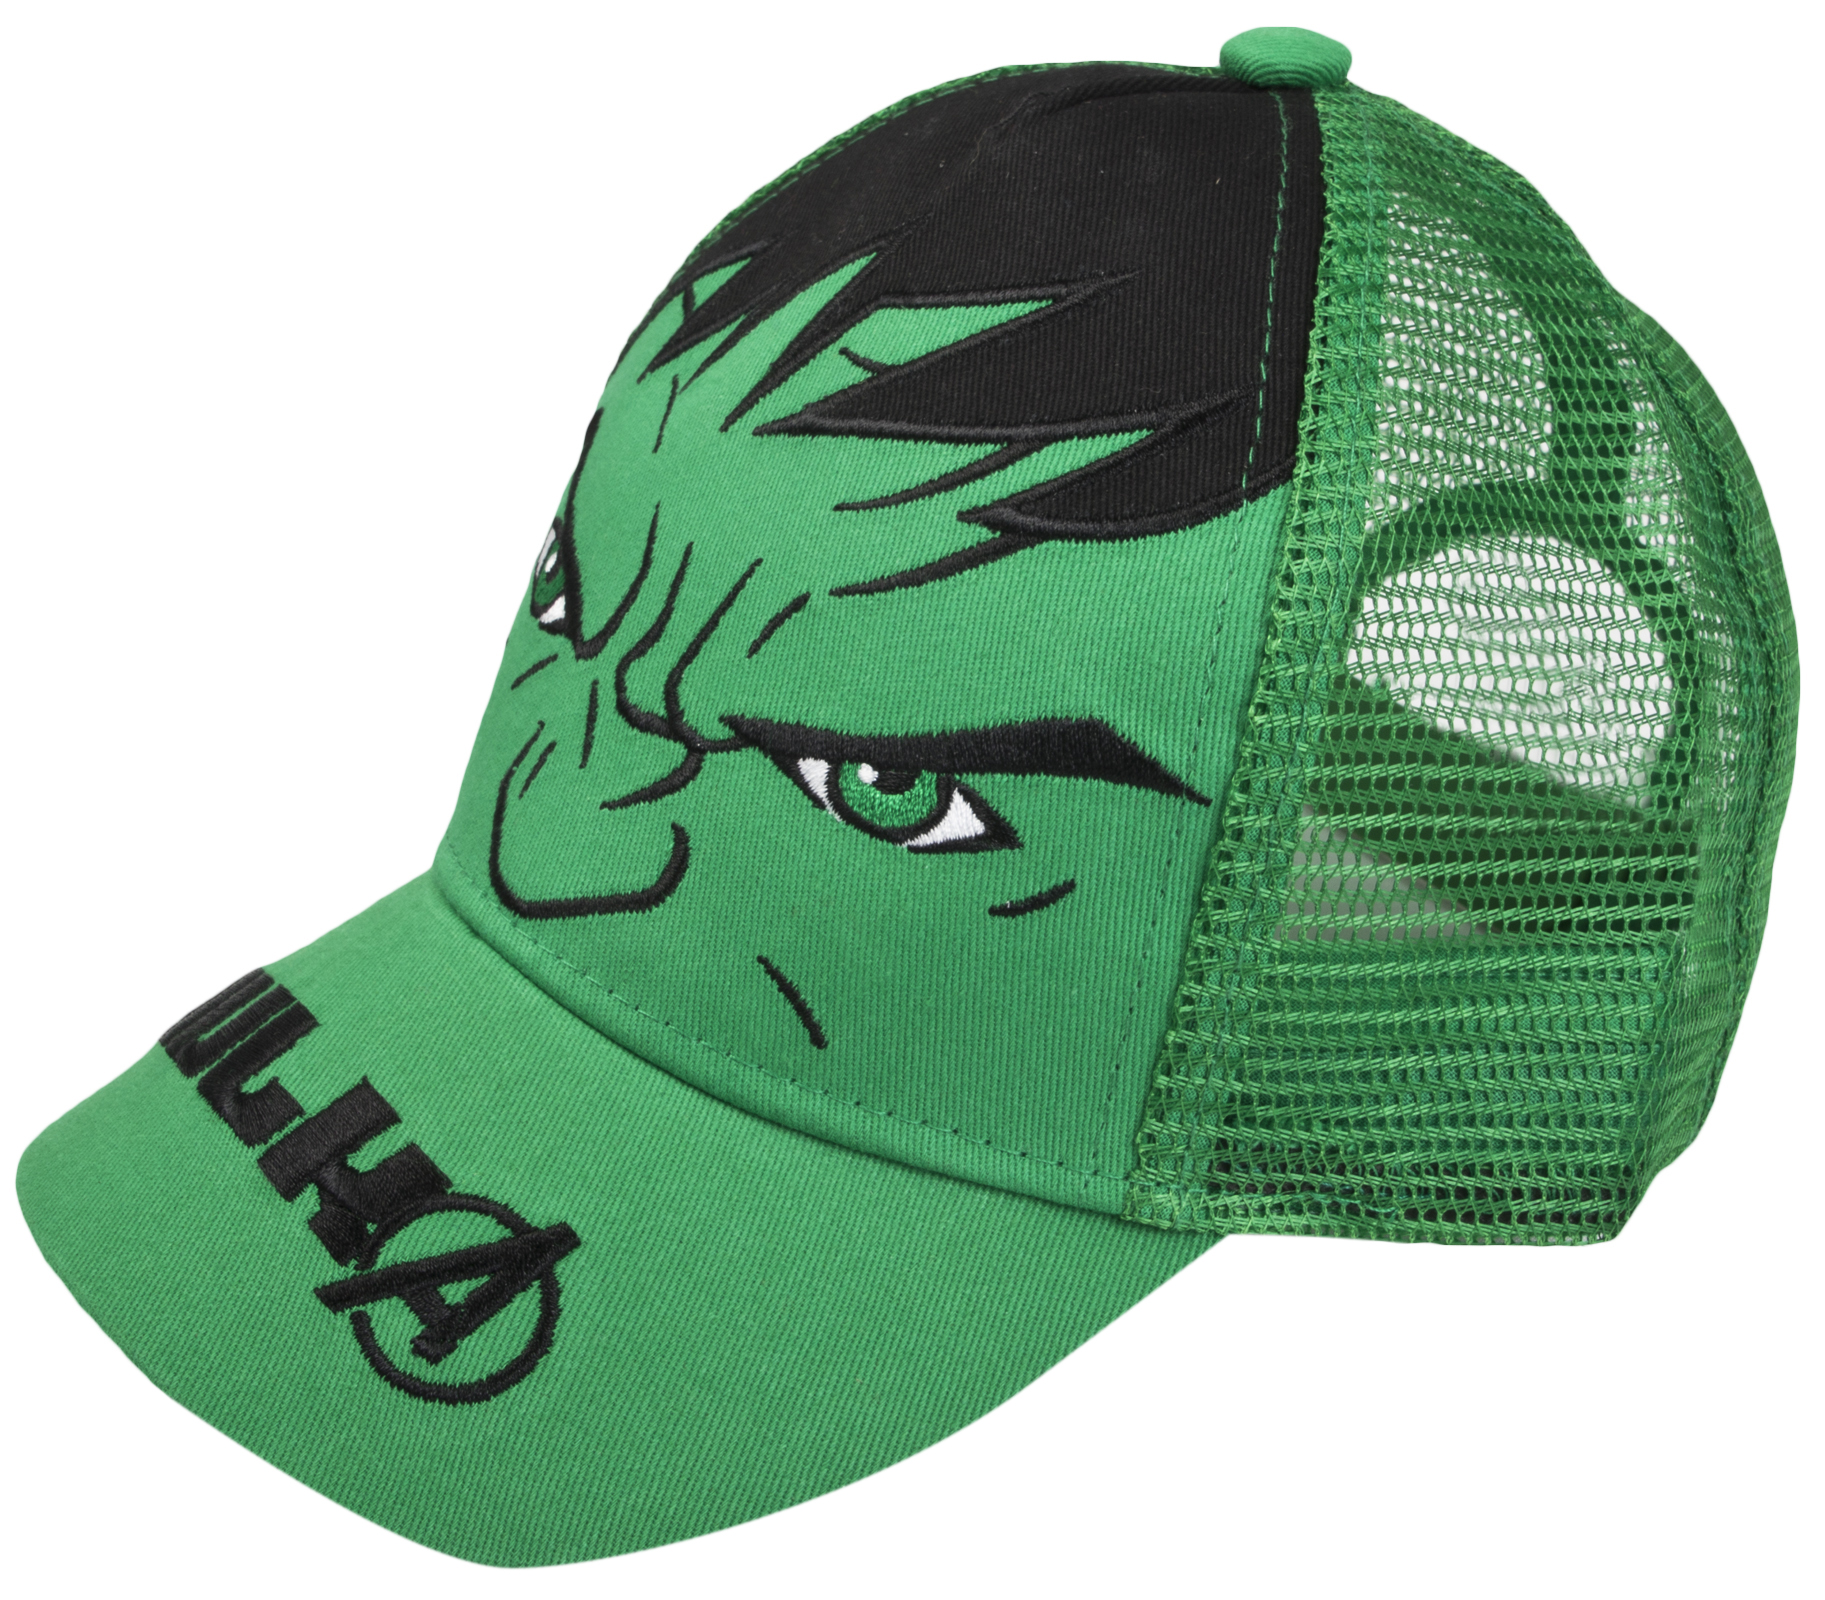 Boys Marvel Avengers Baseball Cap Novelty Character Peaked Summer ... 61e73778060b